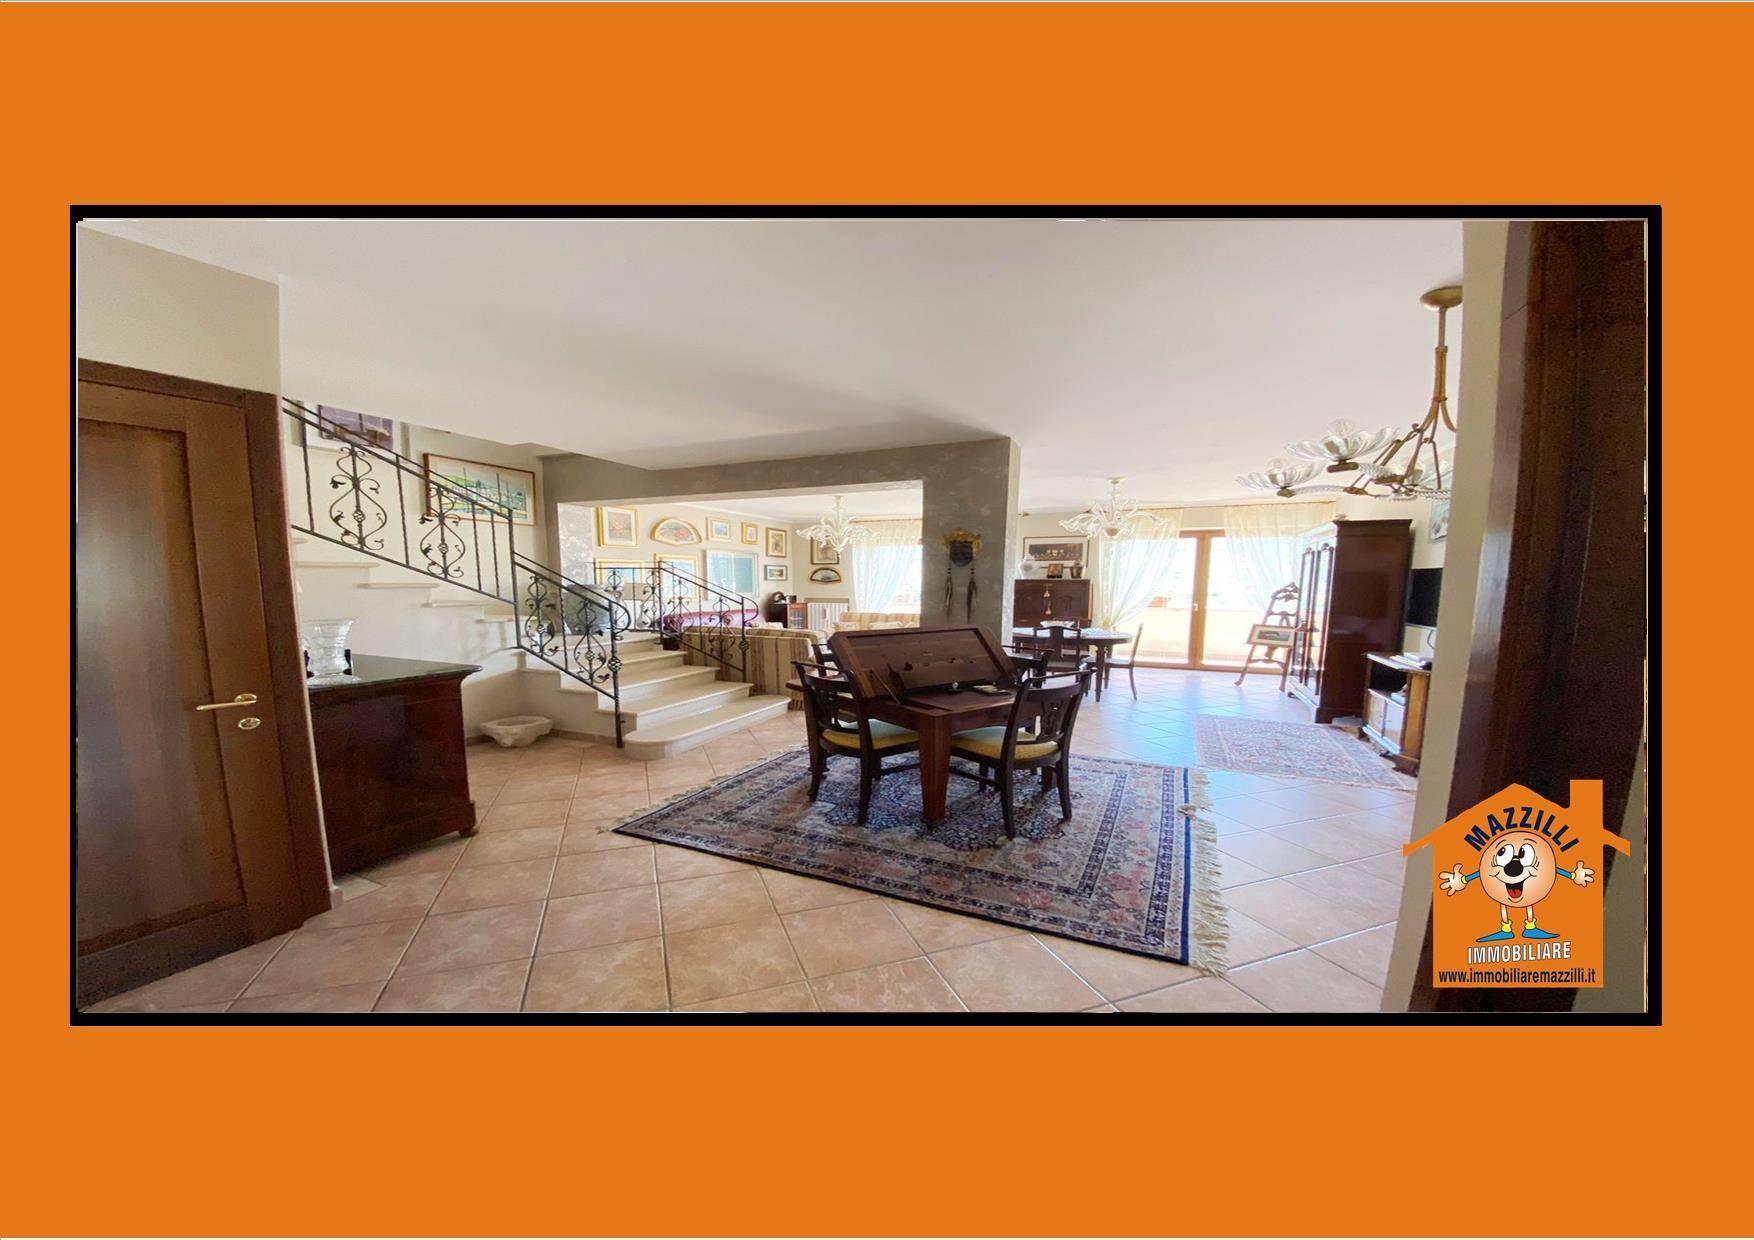 Villa in vendita a Potenza, 5 locali, prezzo € 290.000 | PortaleAgenzieImmobiliari.it